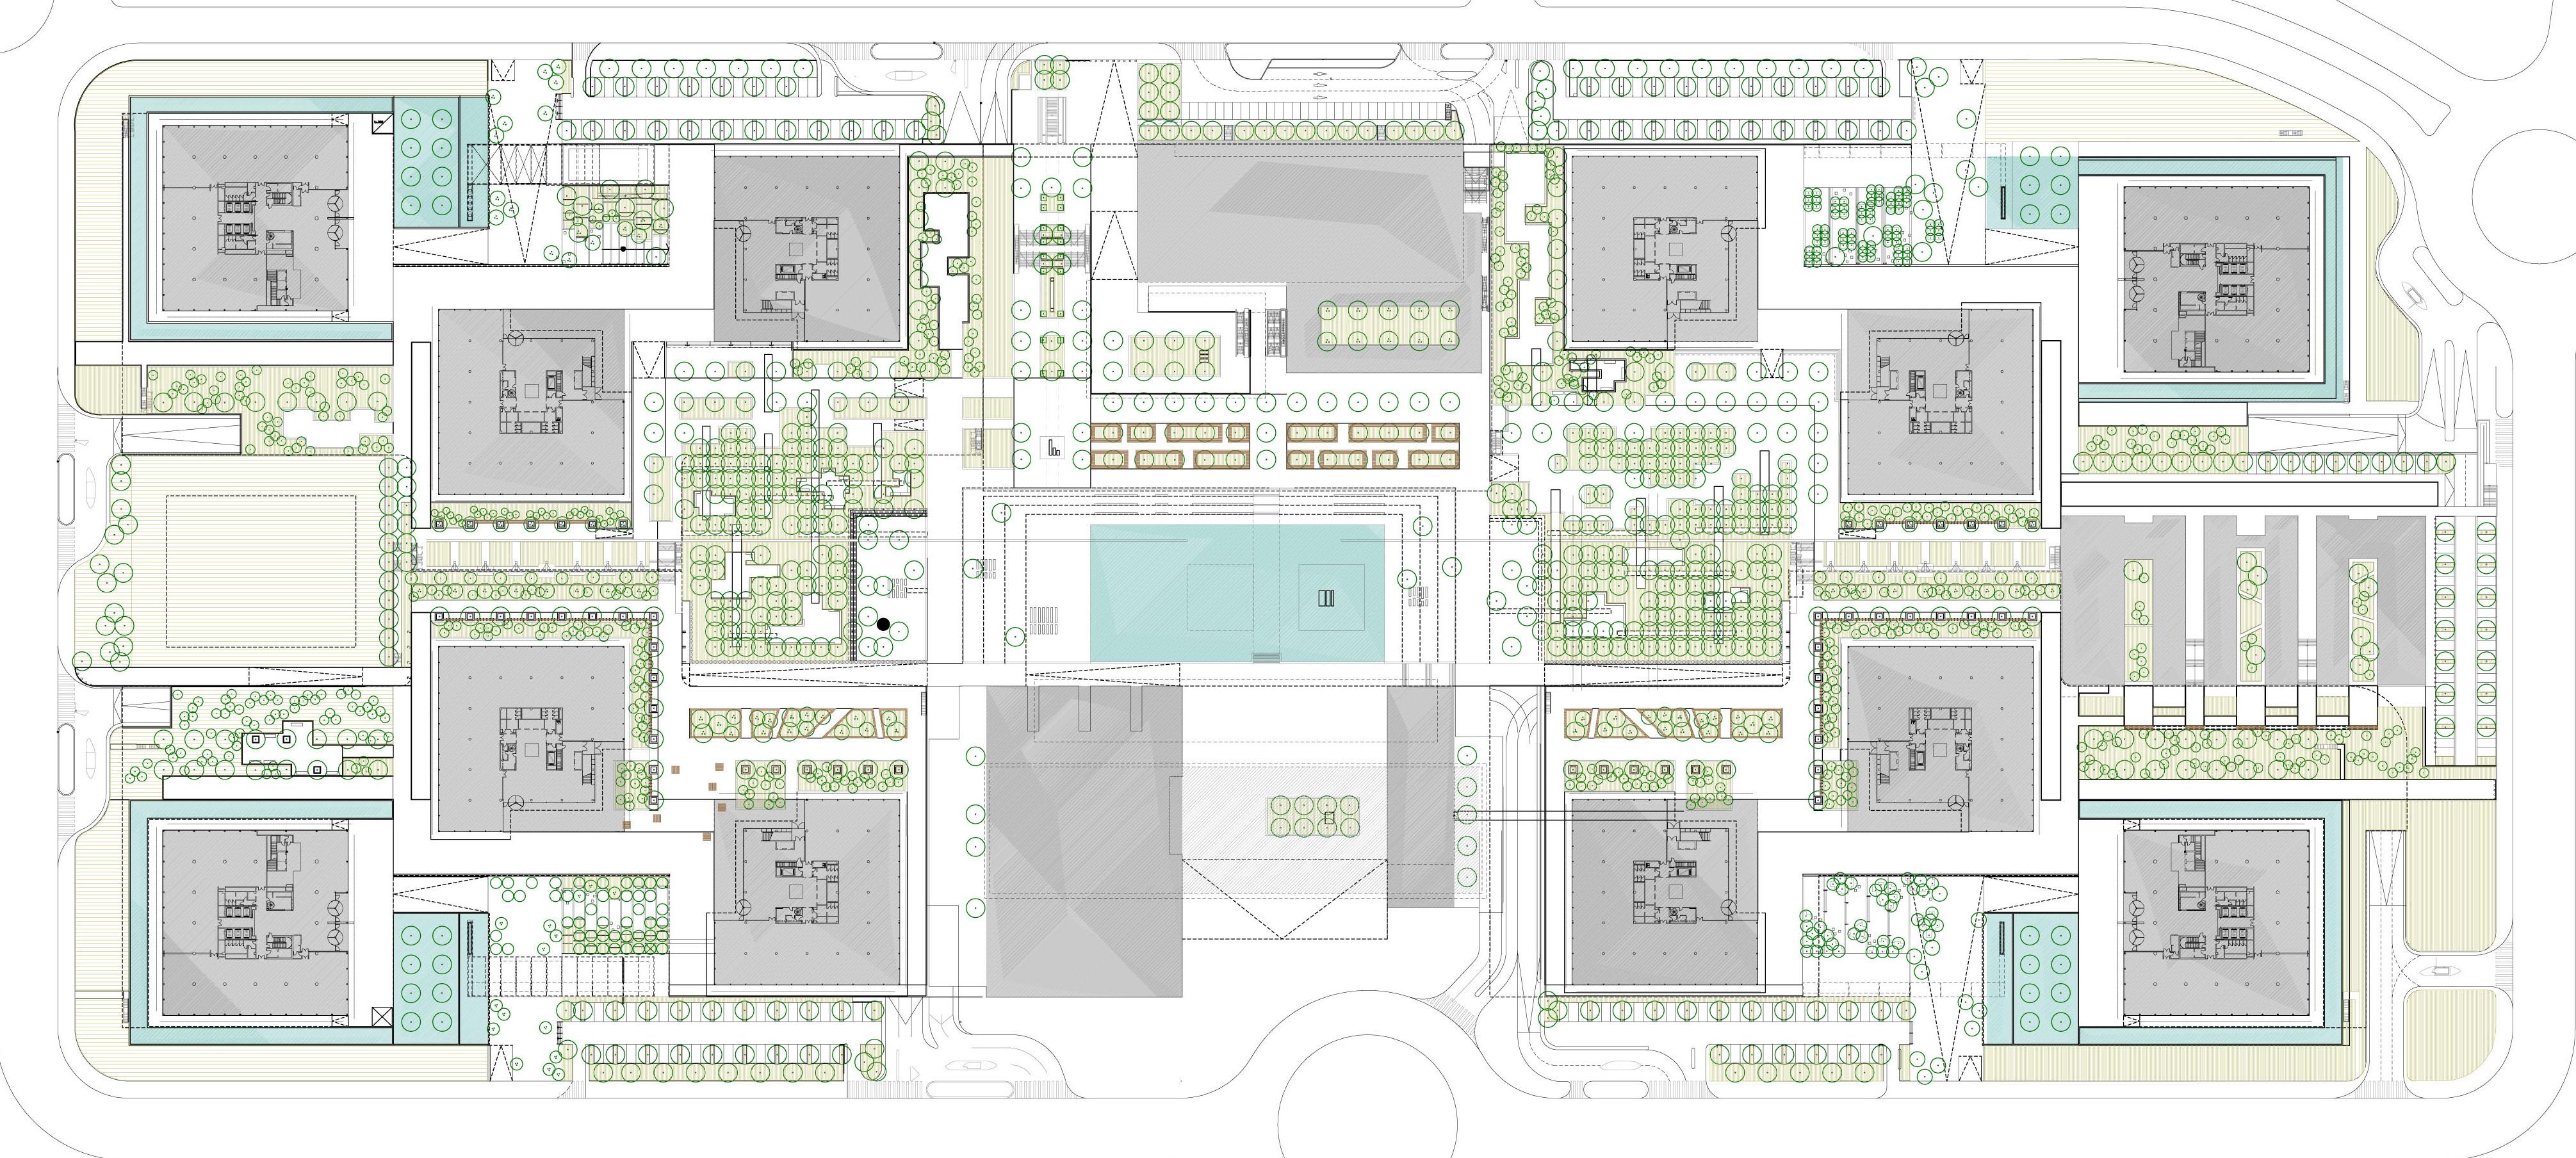 Realizaci n de un proyecto de arquitectura distrito c de for Plantas de arquitectura